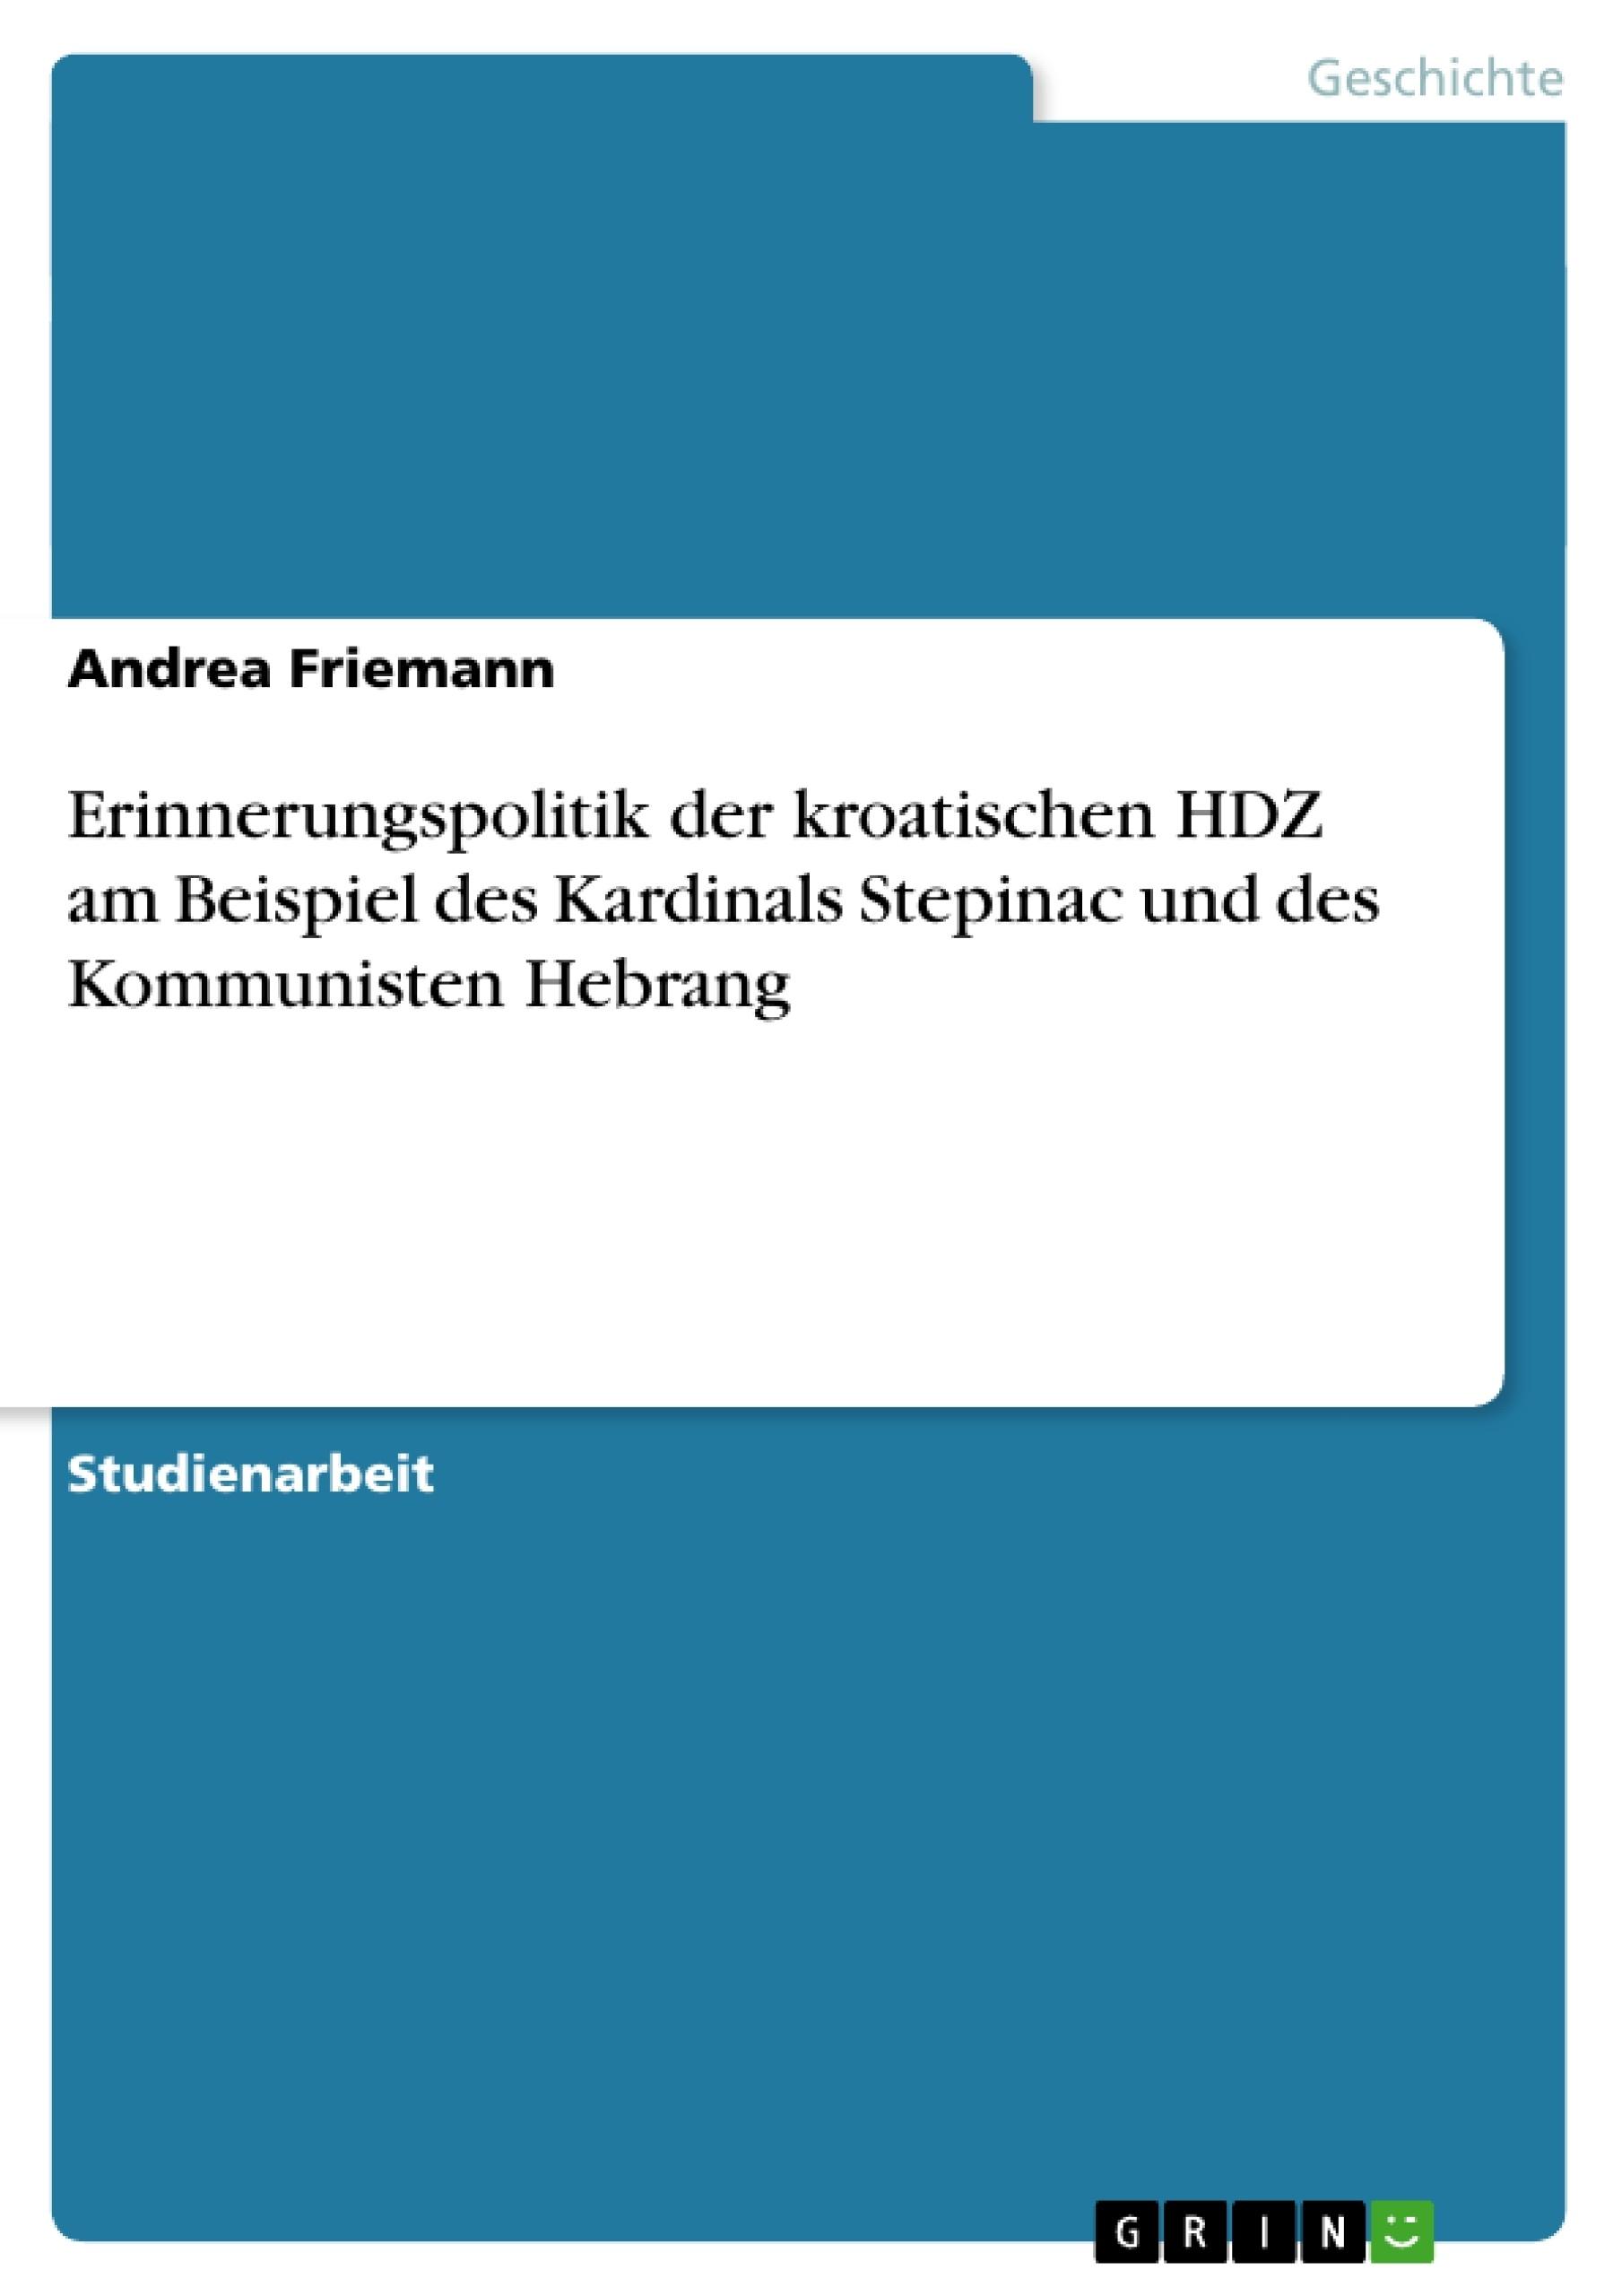 Titel: Erinnerungspolitik der kroatischen HDZ am Beispiel des Kardinals Stepinac und des Kommunisten Hebrang